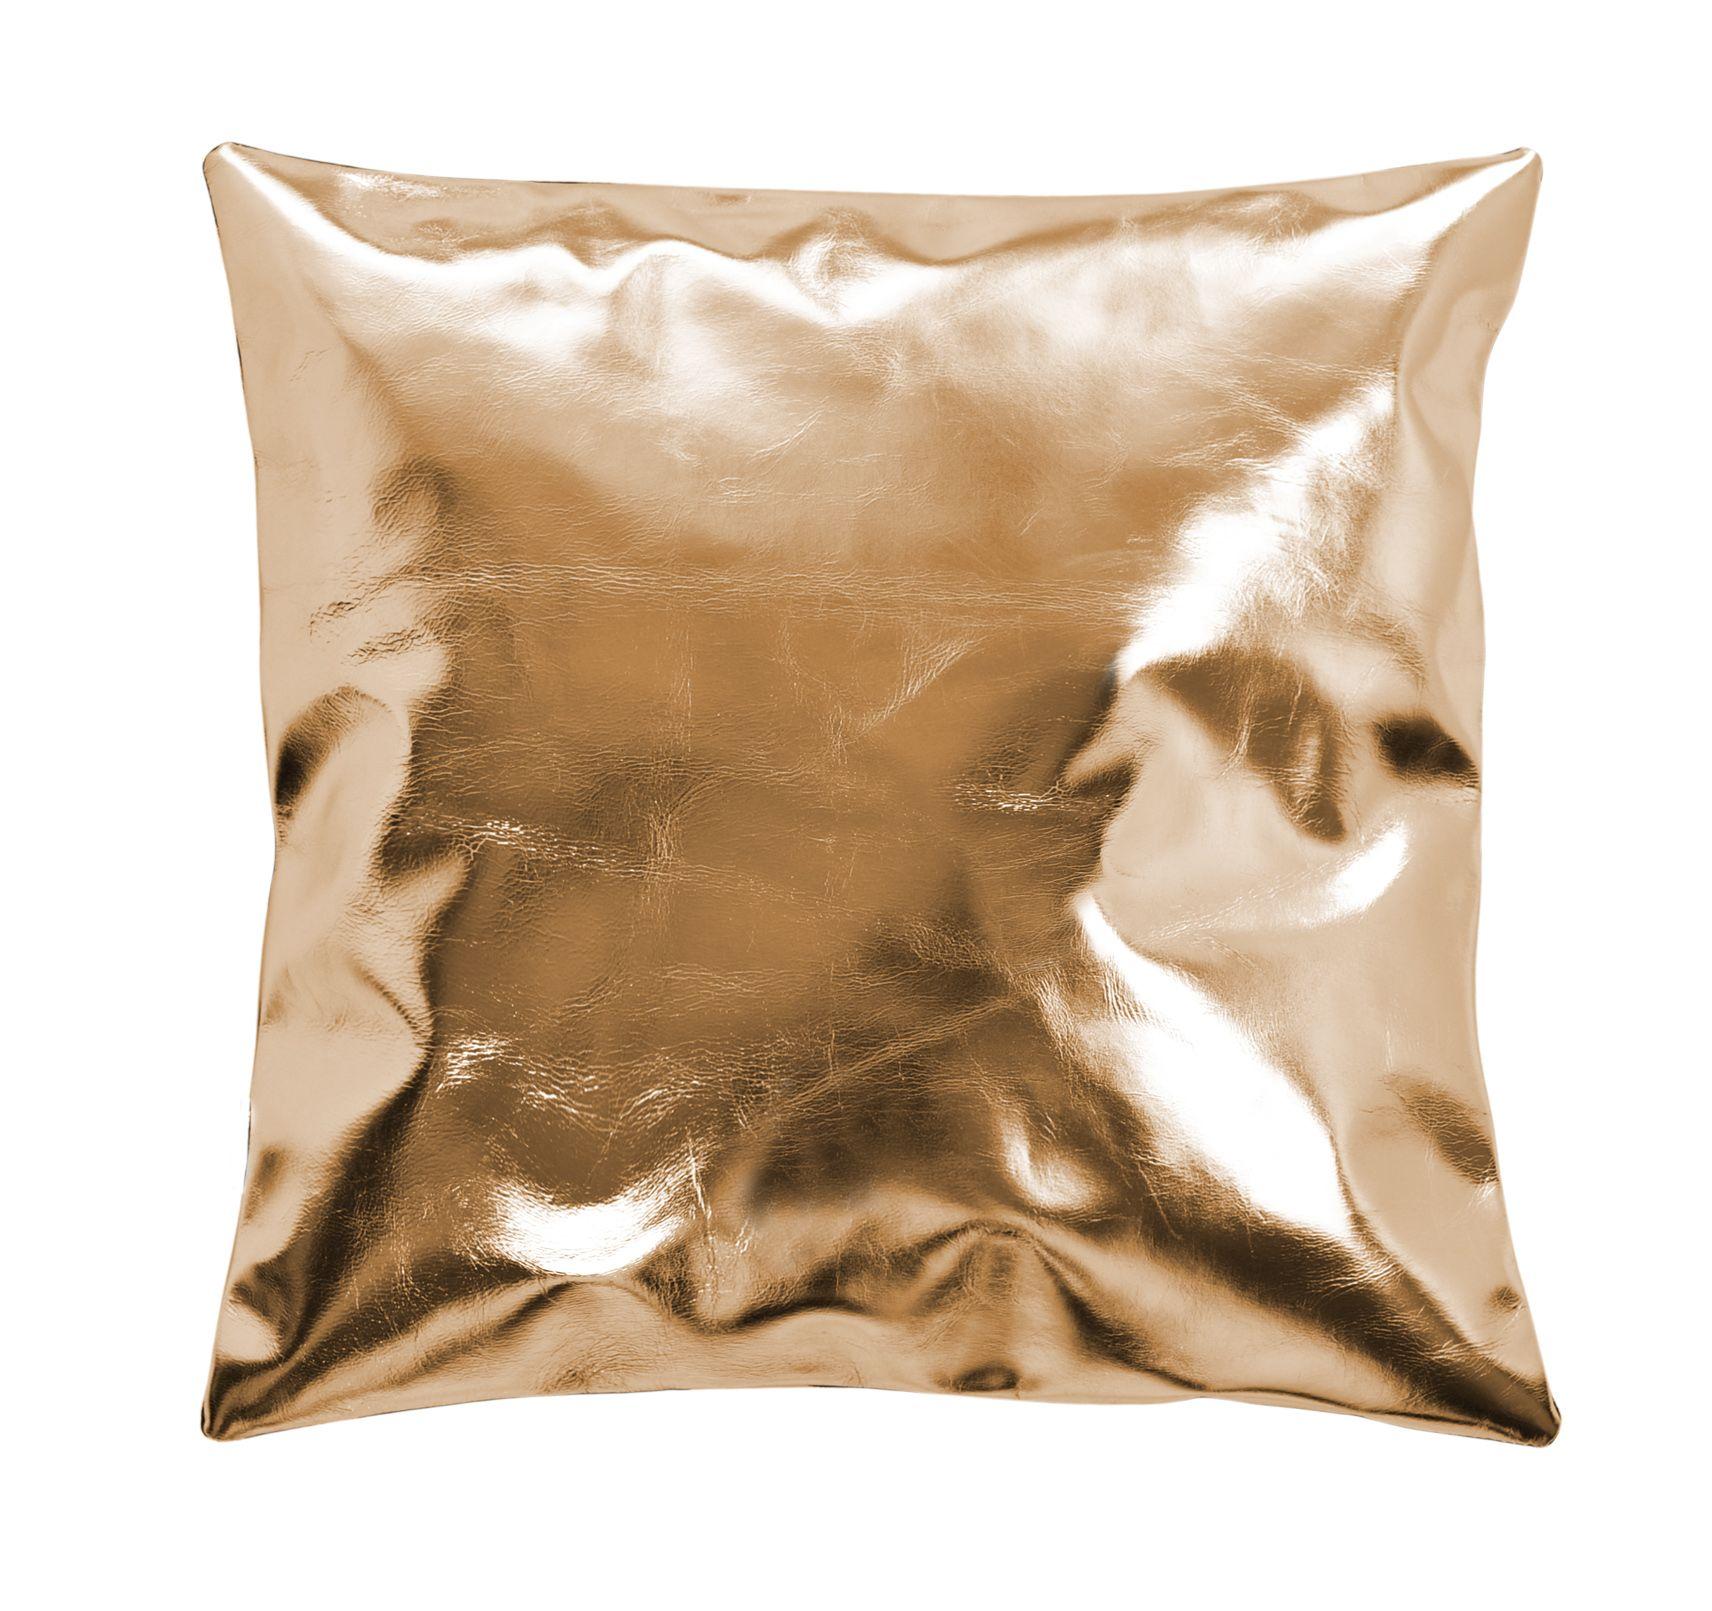 Miedziana Skórzana Dekoracyjna Poduszka Copper Leather